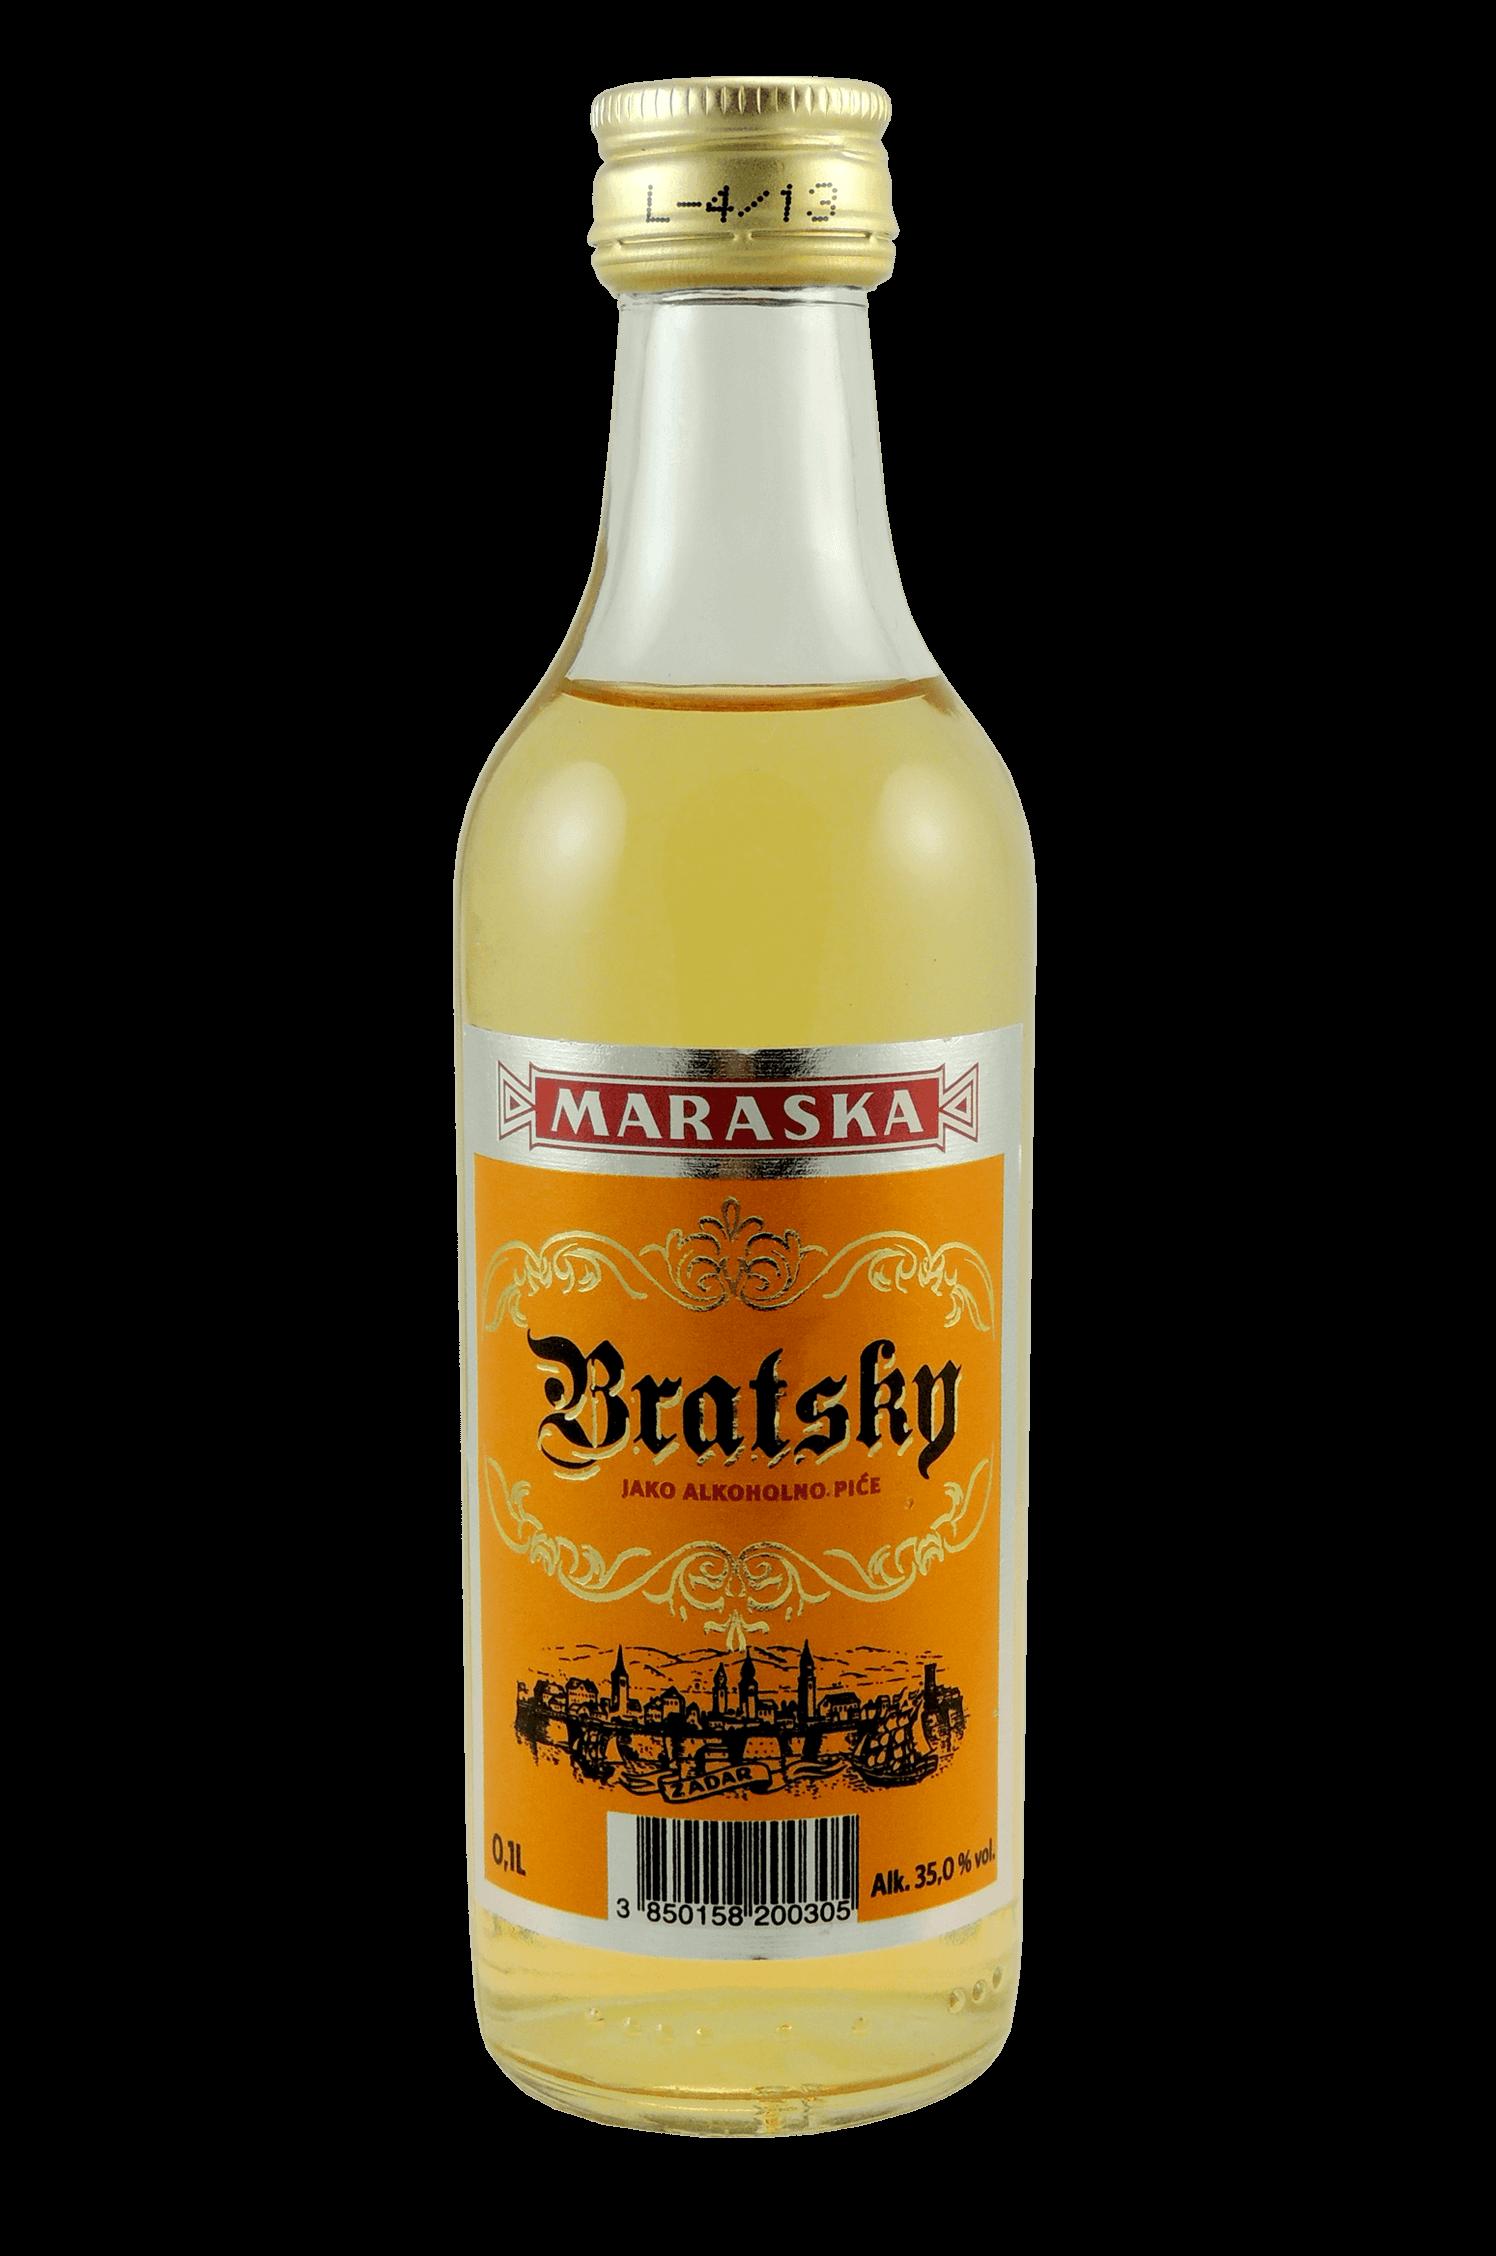 Bratsky Maraska